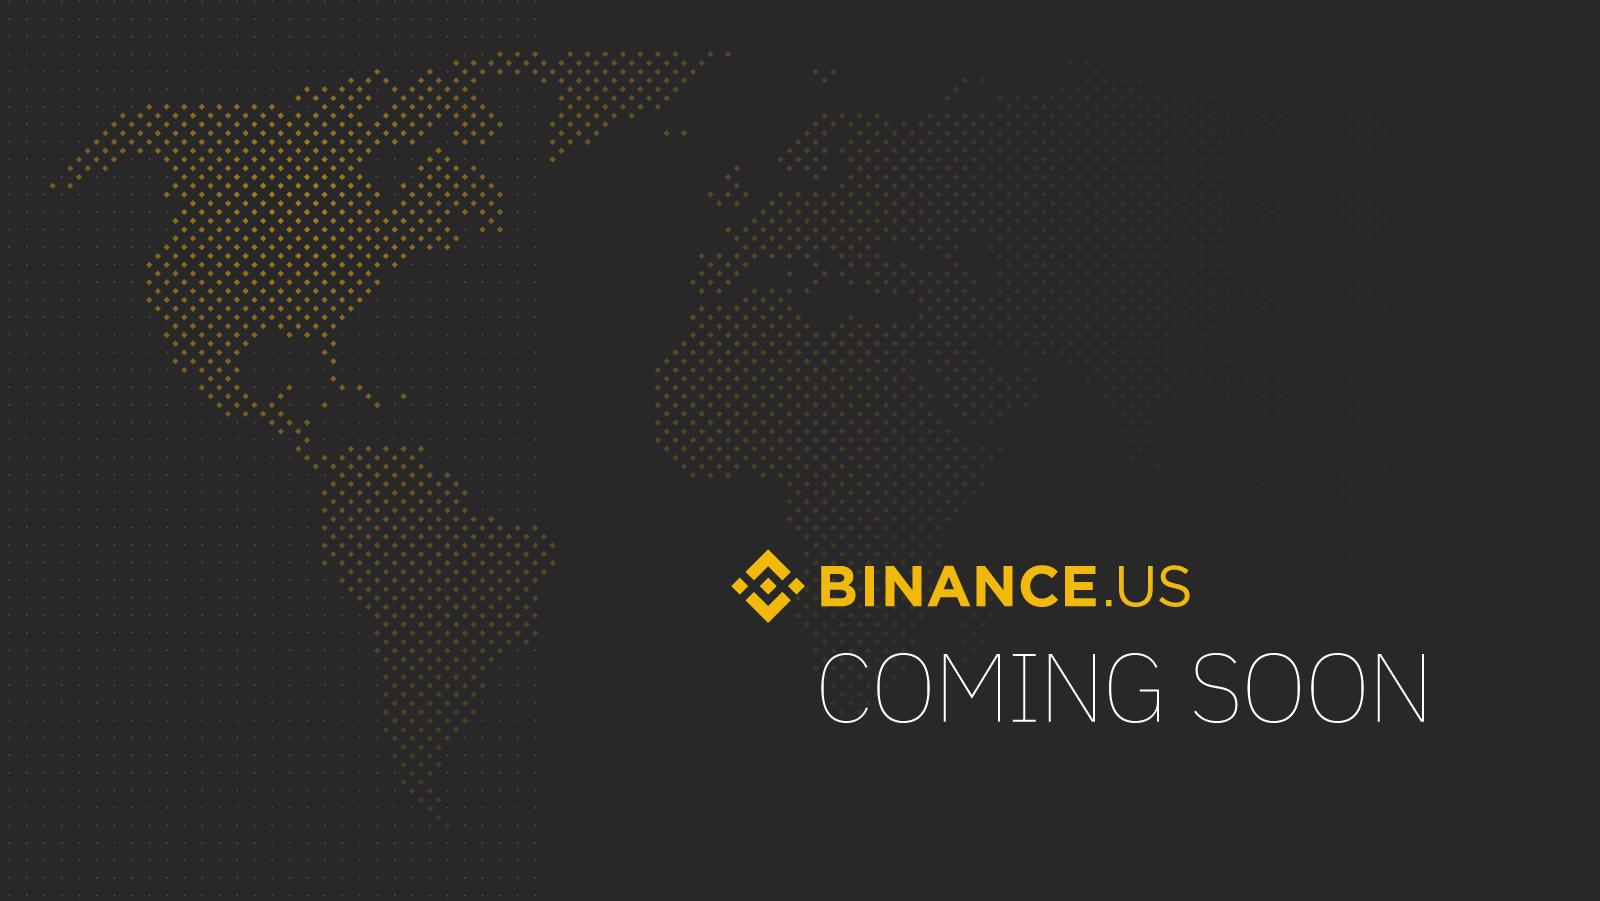 ตลาด Binance.com ปรับปรุงนโยบายภายใน และปิดกั้นลูกค้าจากสหรัฐฯ